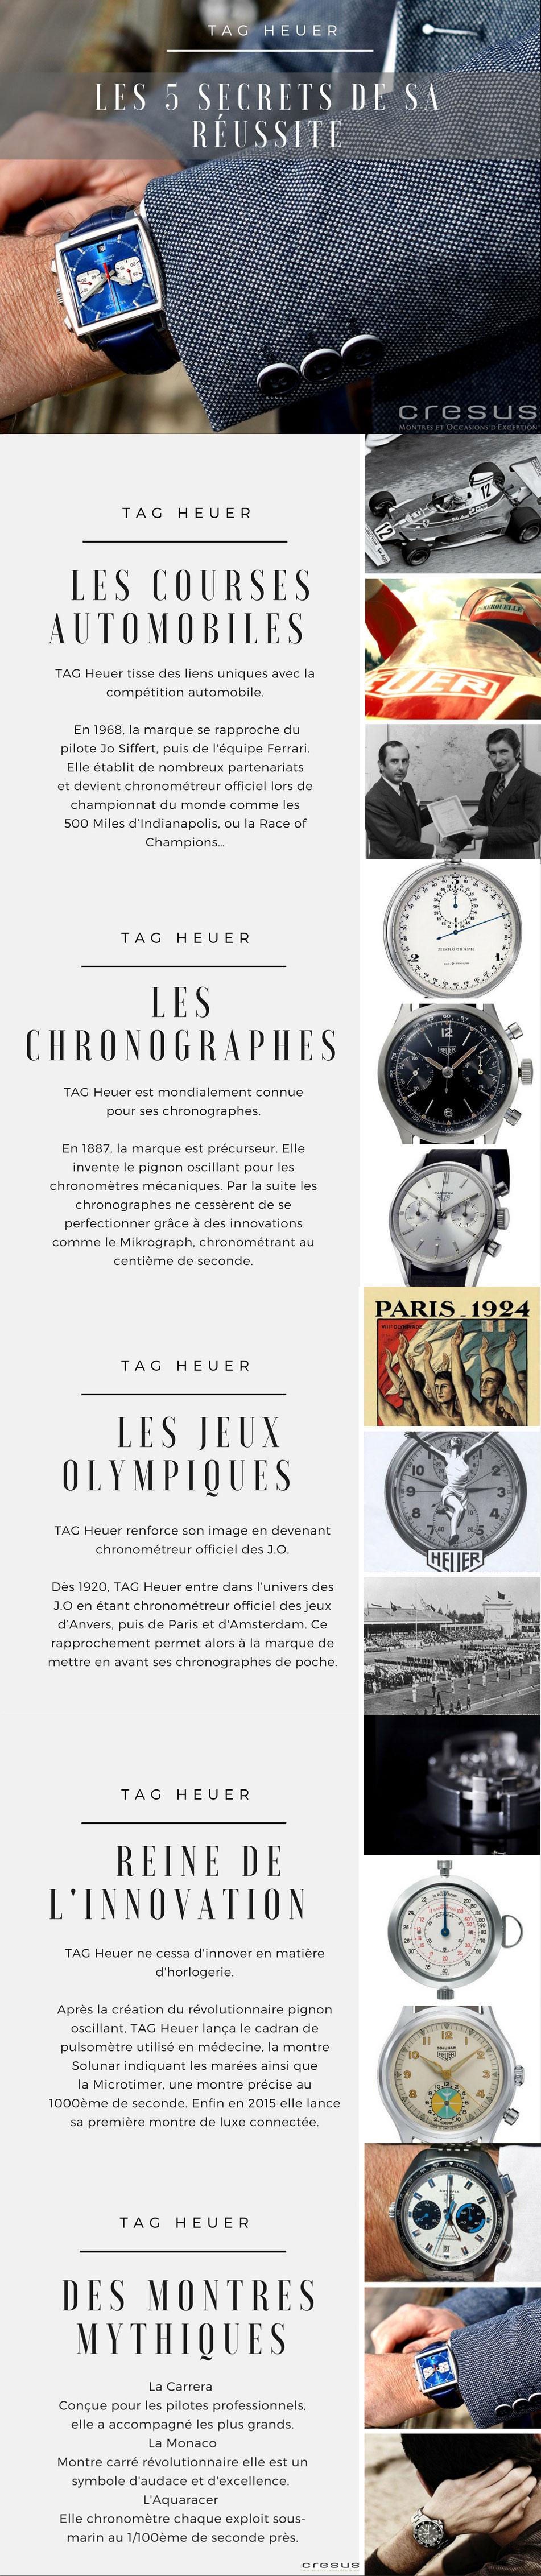 tag-heuer-les-5-secrets-de-sa-reussite-montres-luxe-cresus-chronographes